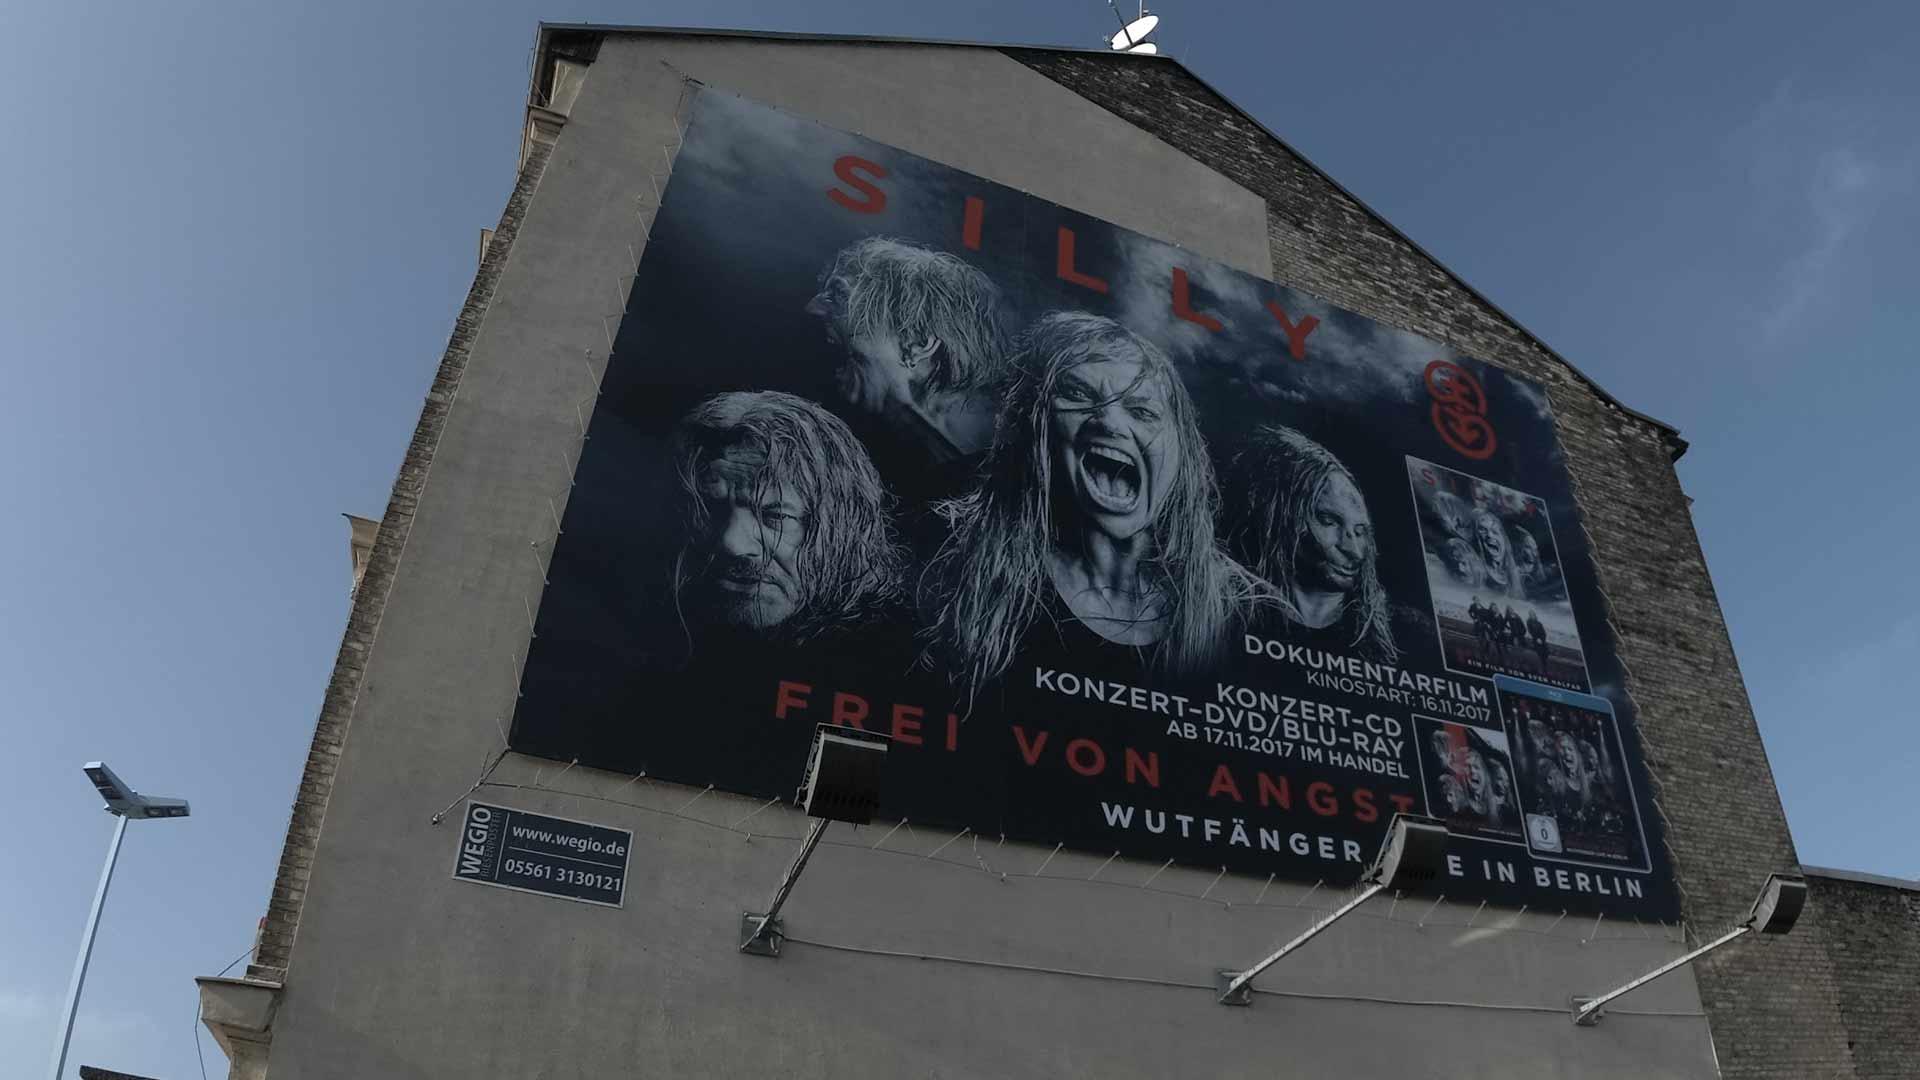 Konzertaufzeichnung Silly: Wutfänger Tour 2016